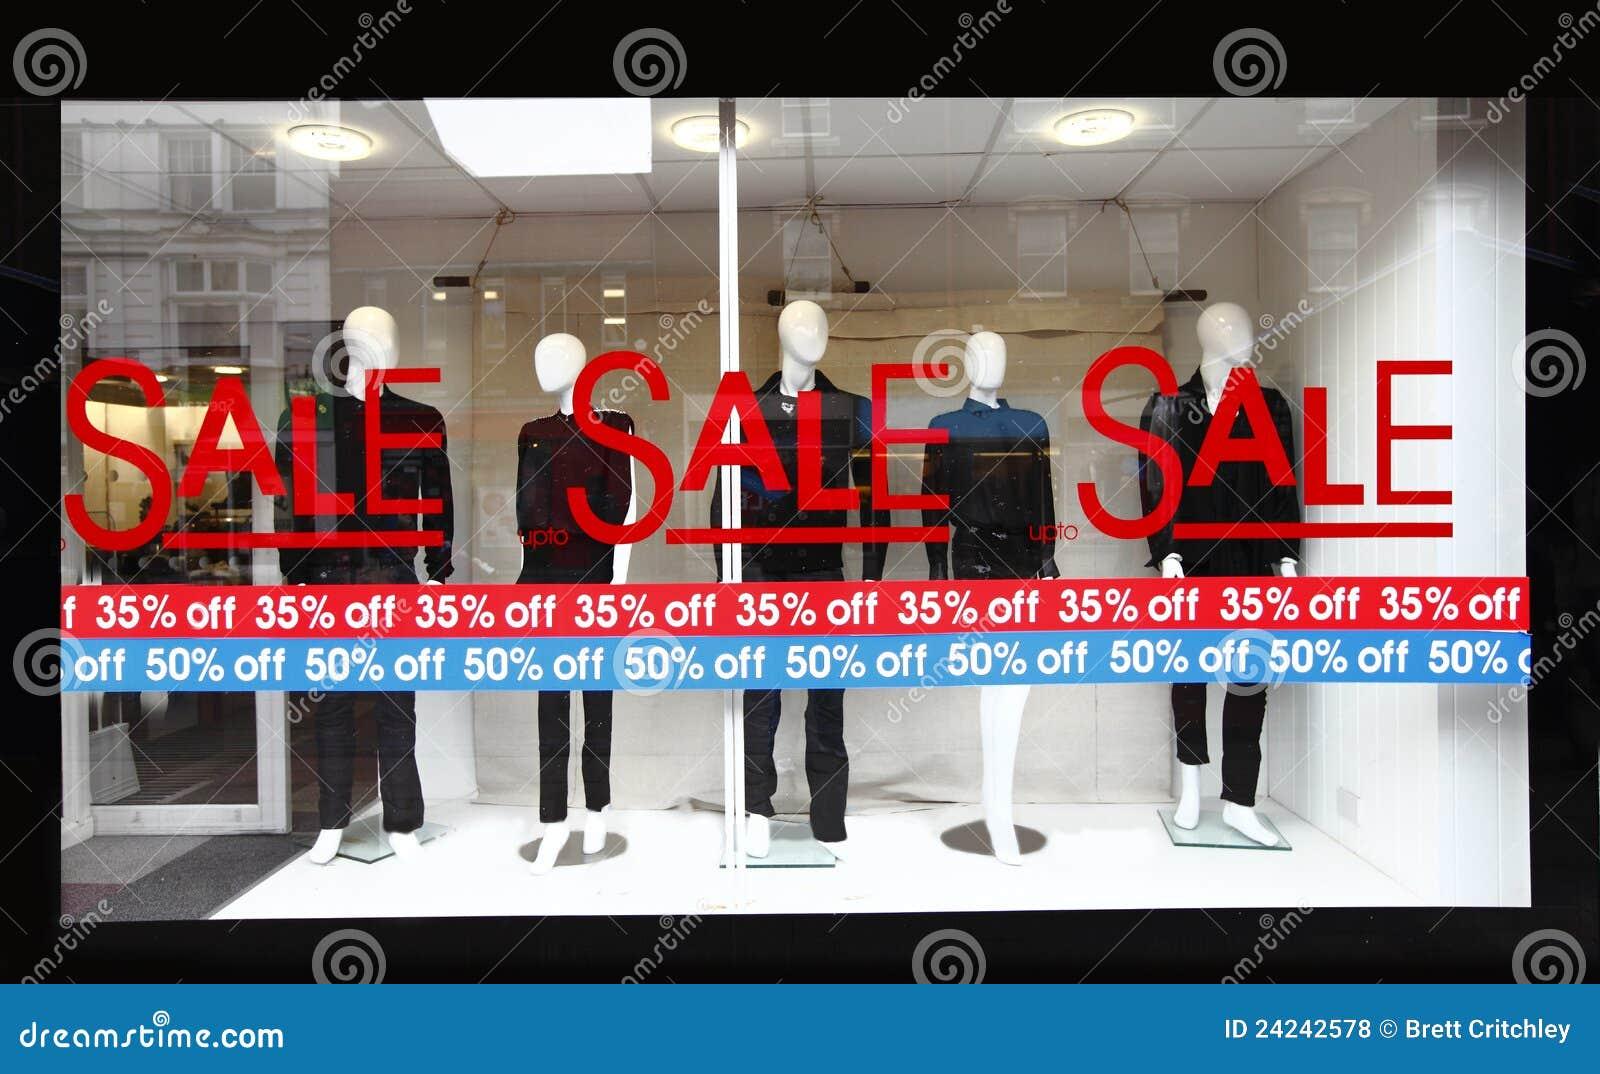 Muestra de la venta de la ventana de la tienda al por menor